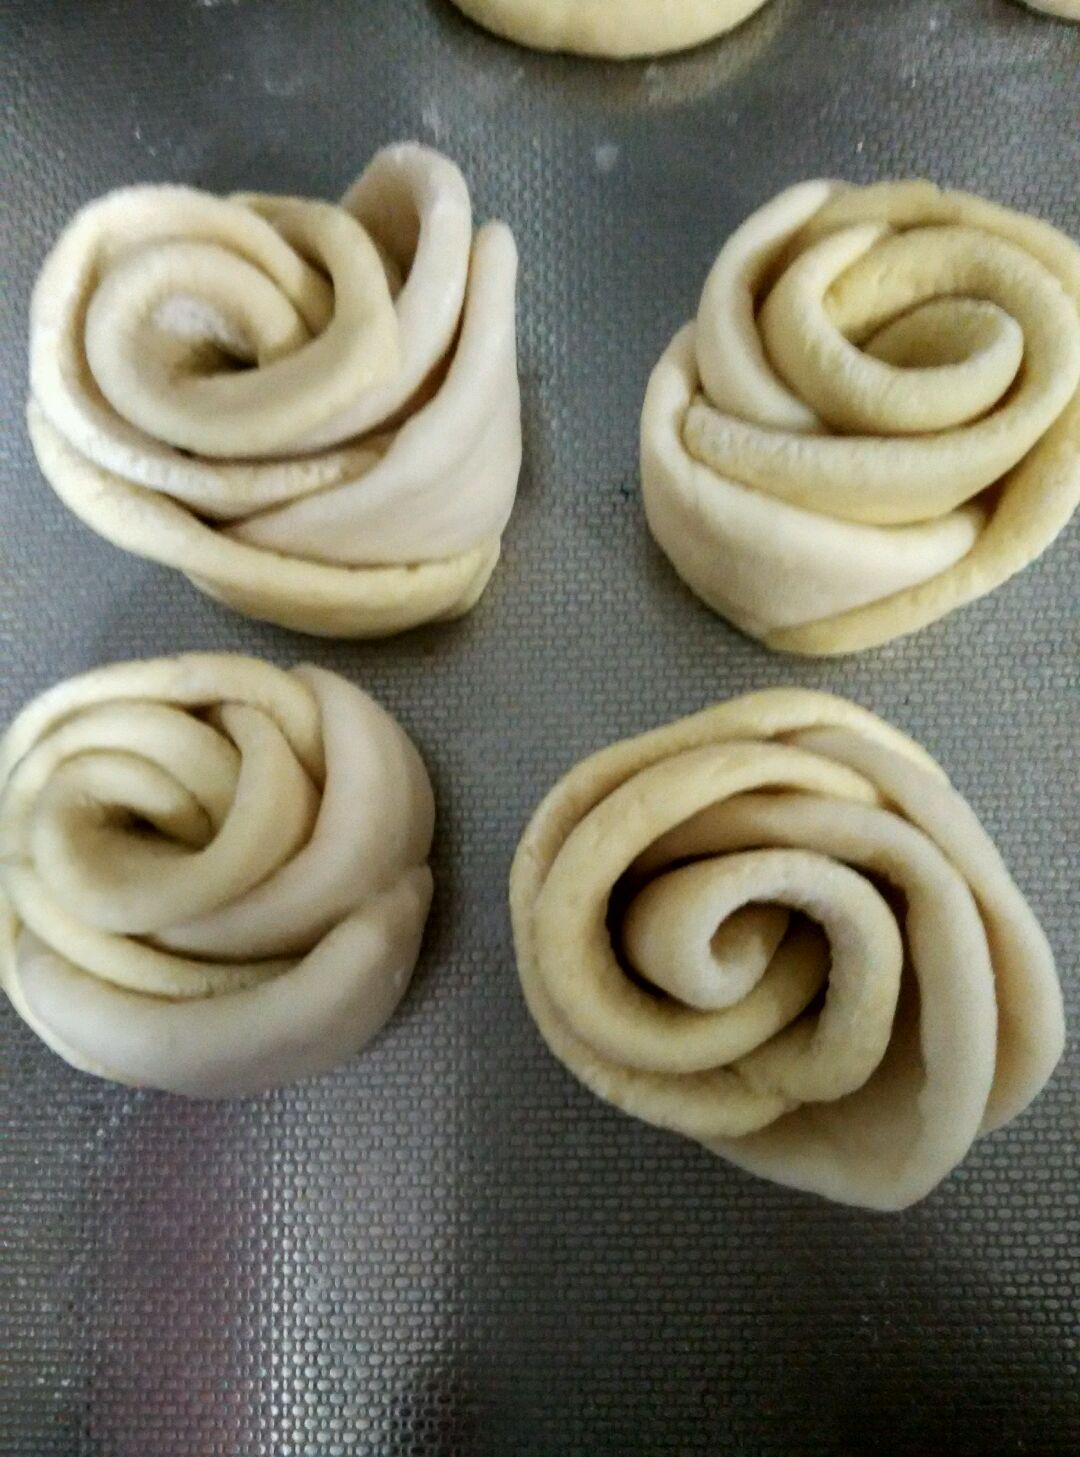 玫瑰玉米花卷的做法图解3